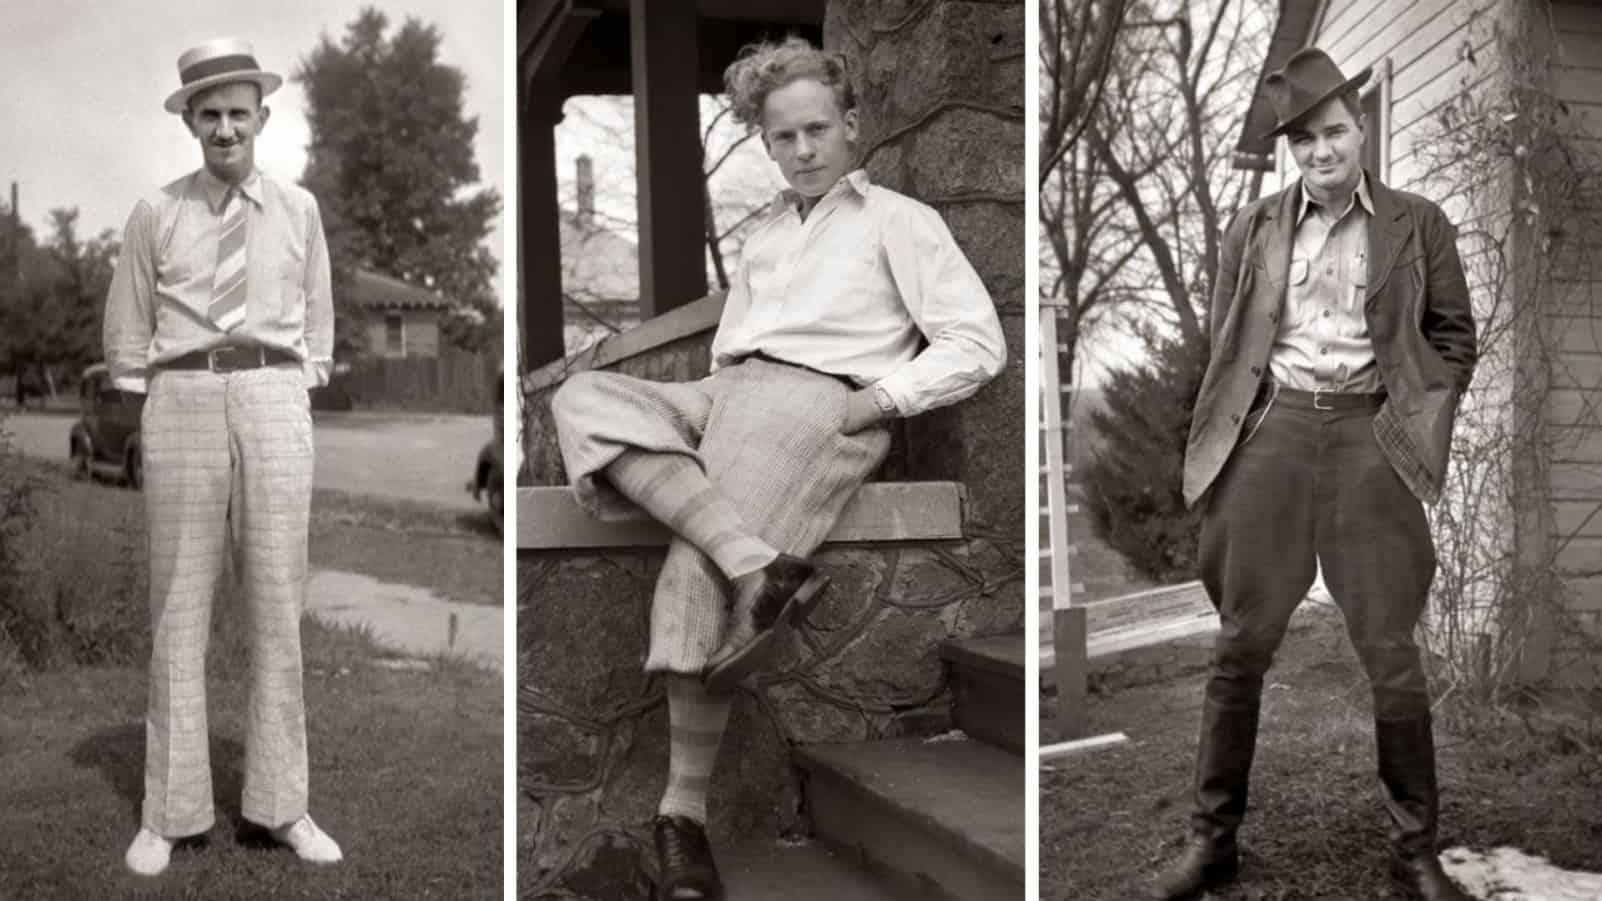 Широкие плечи и тонкая талия: 45 фото о мужской моде 1930-х годов